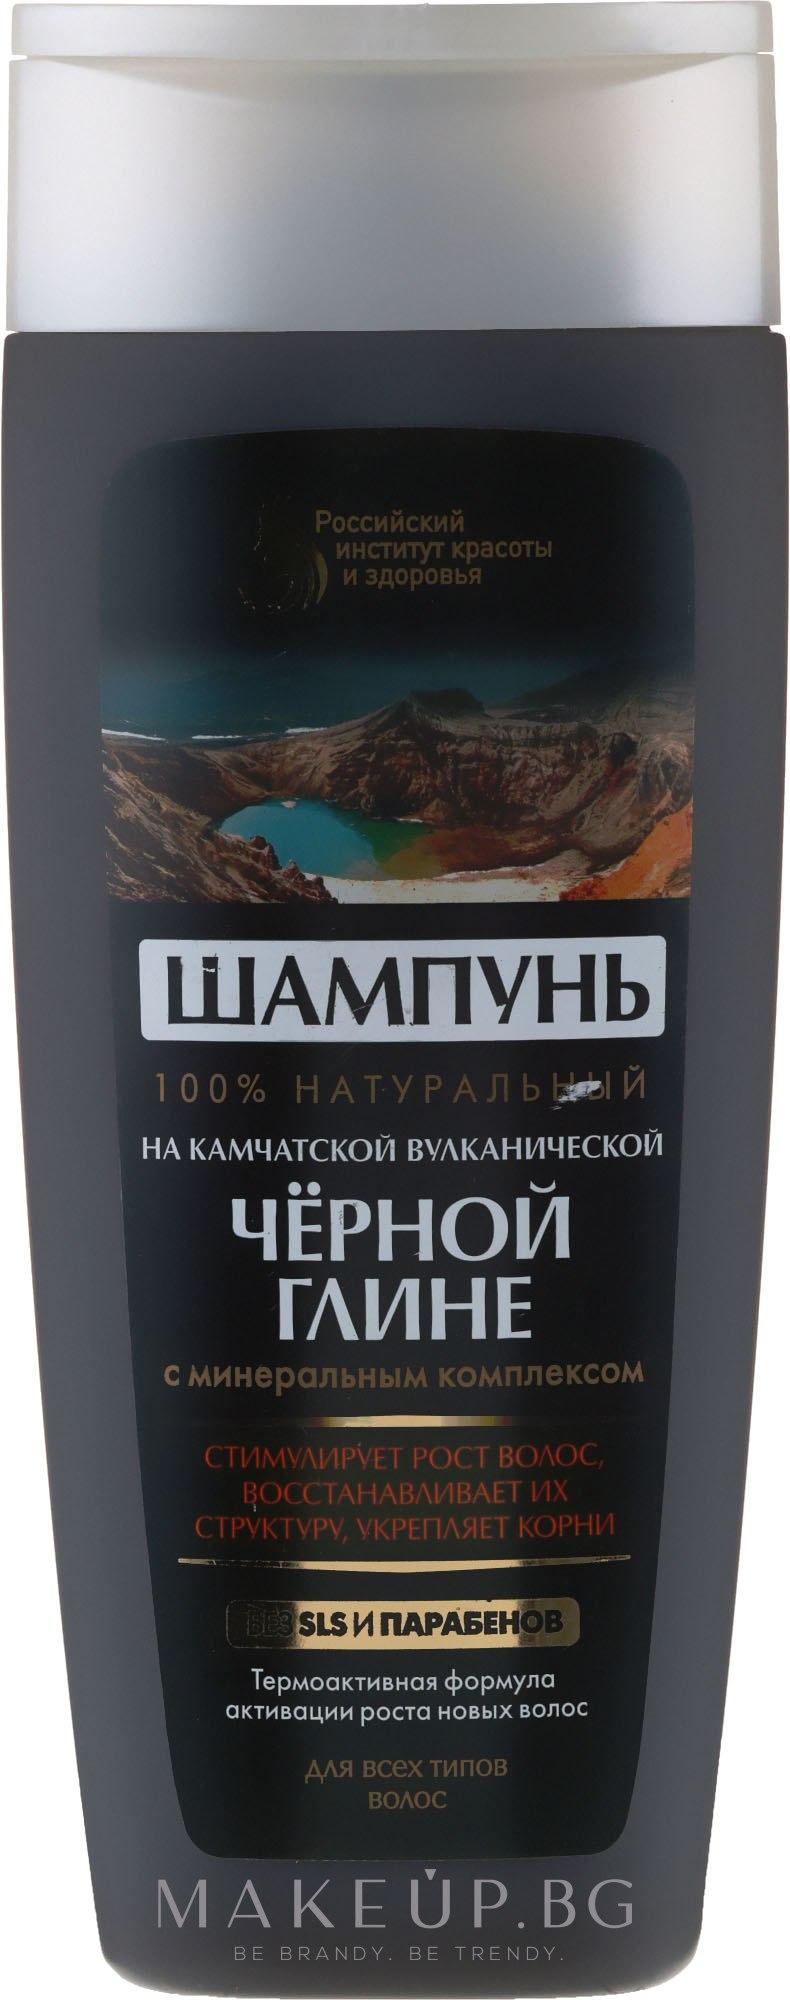 Шампоан за коса с вулканична черна глина от Камчатка - Fito Козметик — снимка 270 ml